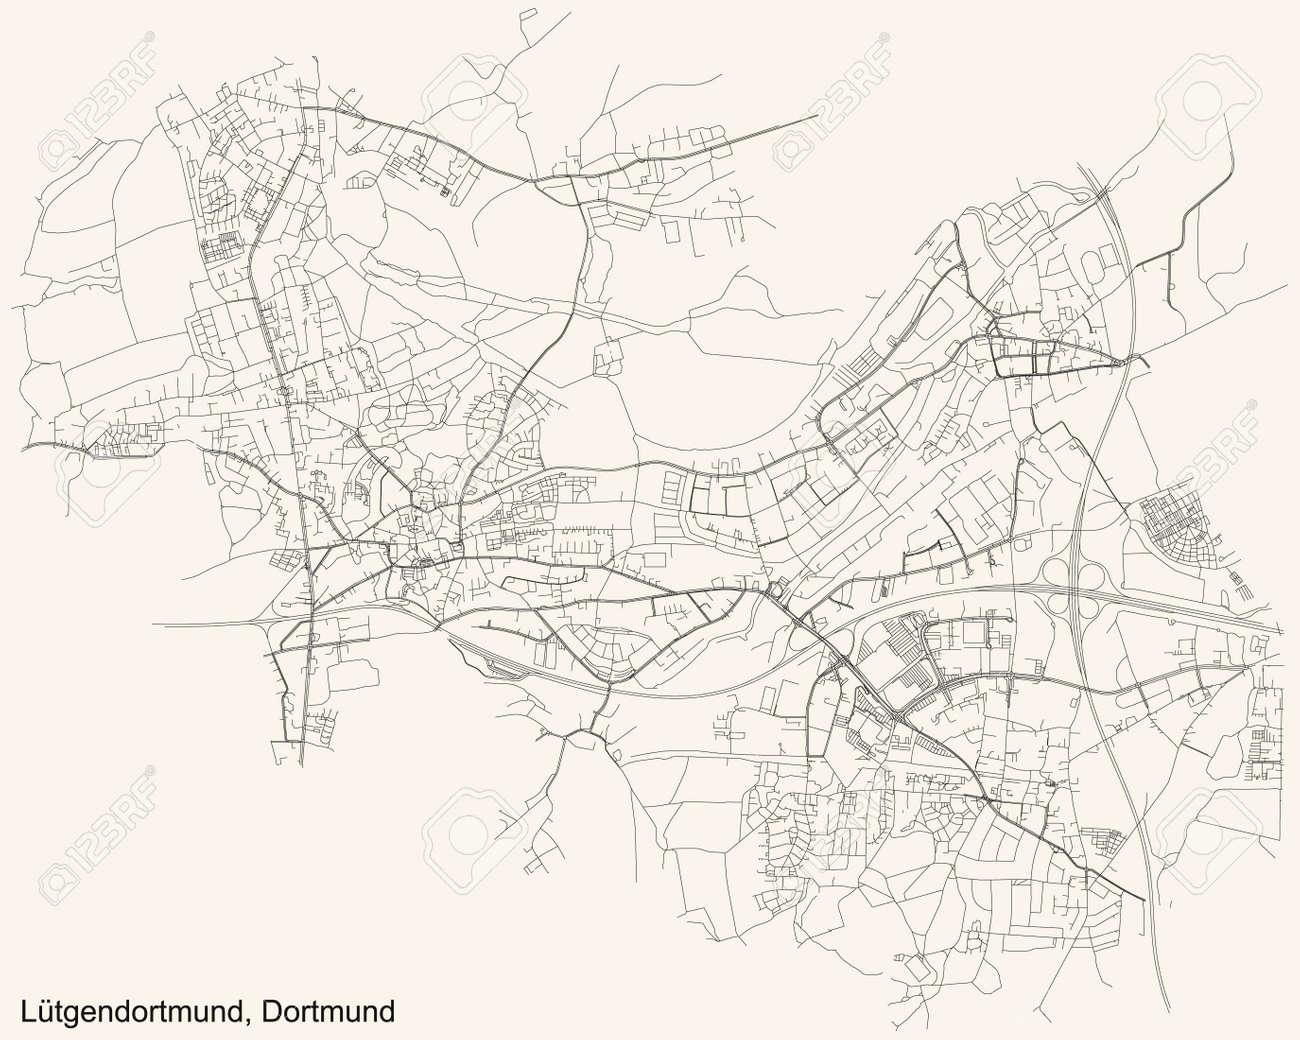 Black simple detailed street roads map on vintage beige background of the quarter Stadtbezirk Lütgendortmund district of Dortmund, Germany - 169986364